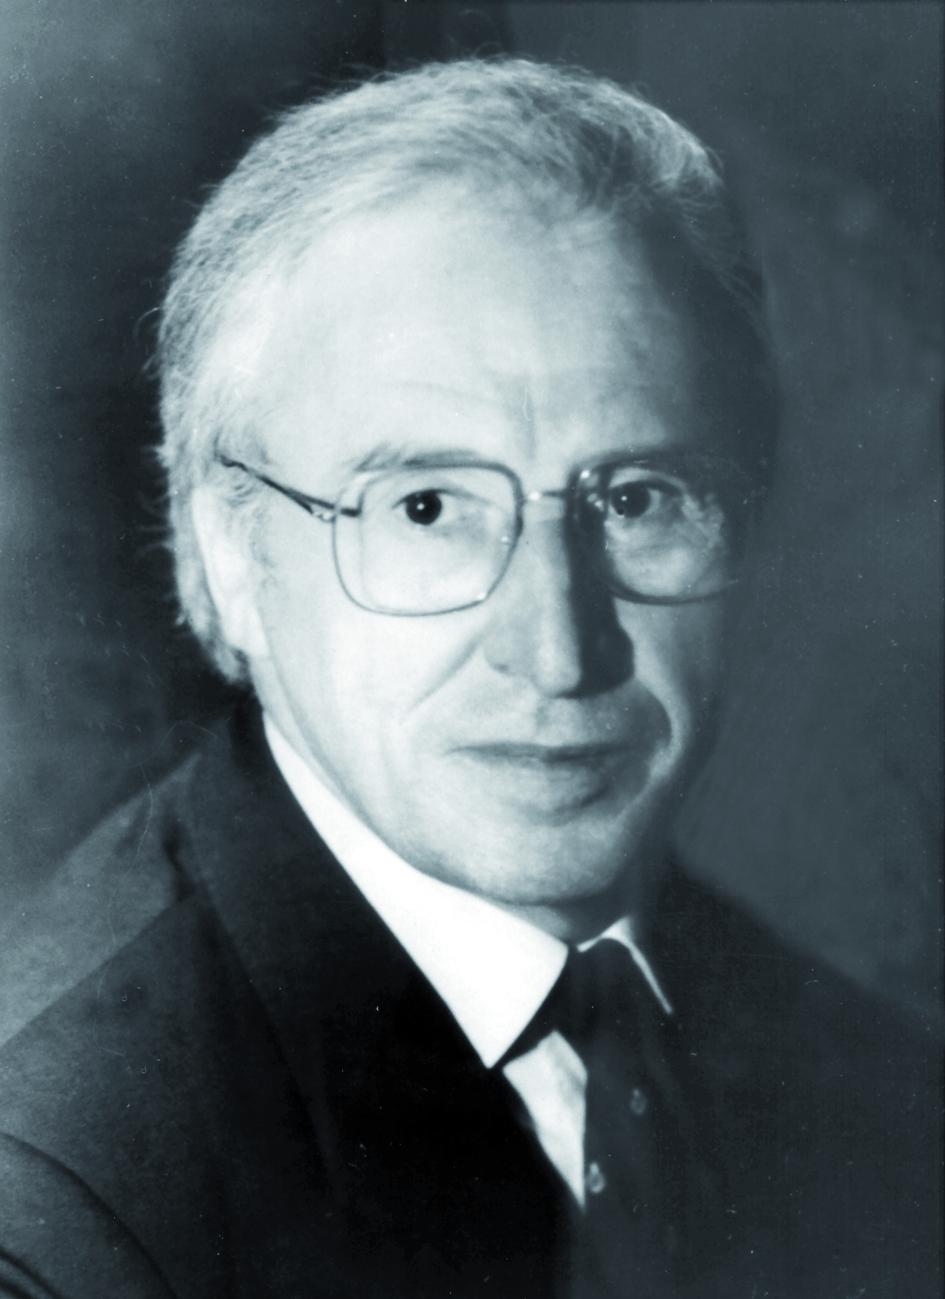 Portraitfoto von Herrn Eckehard Macherauch.